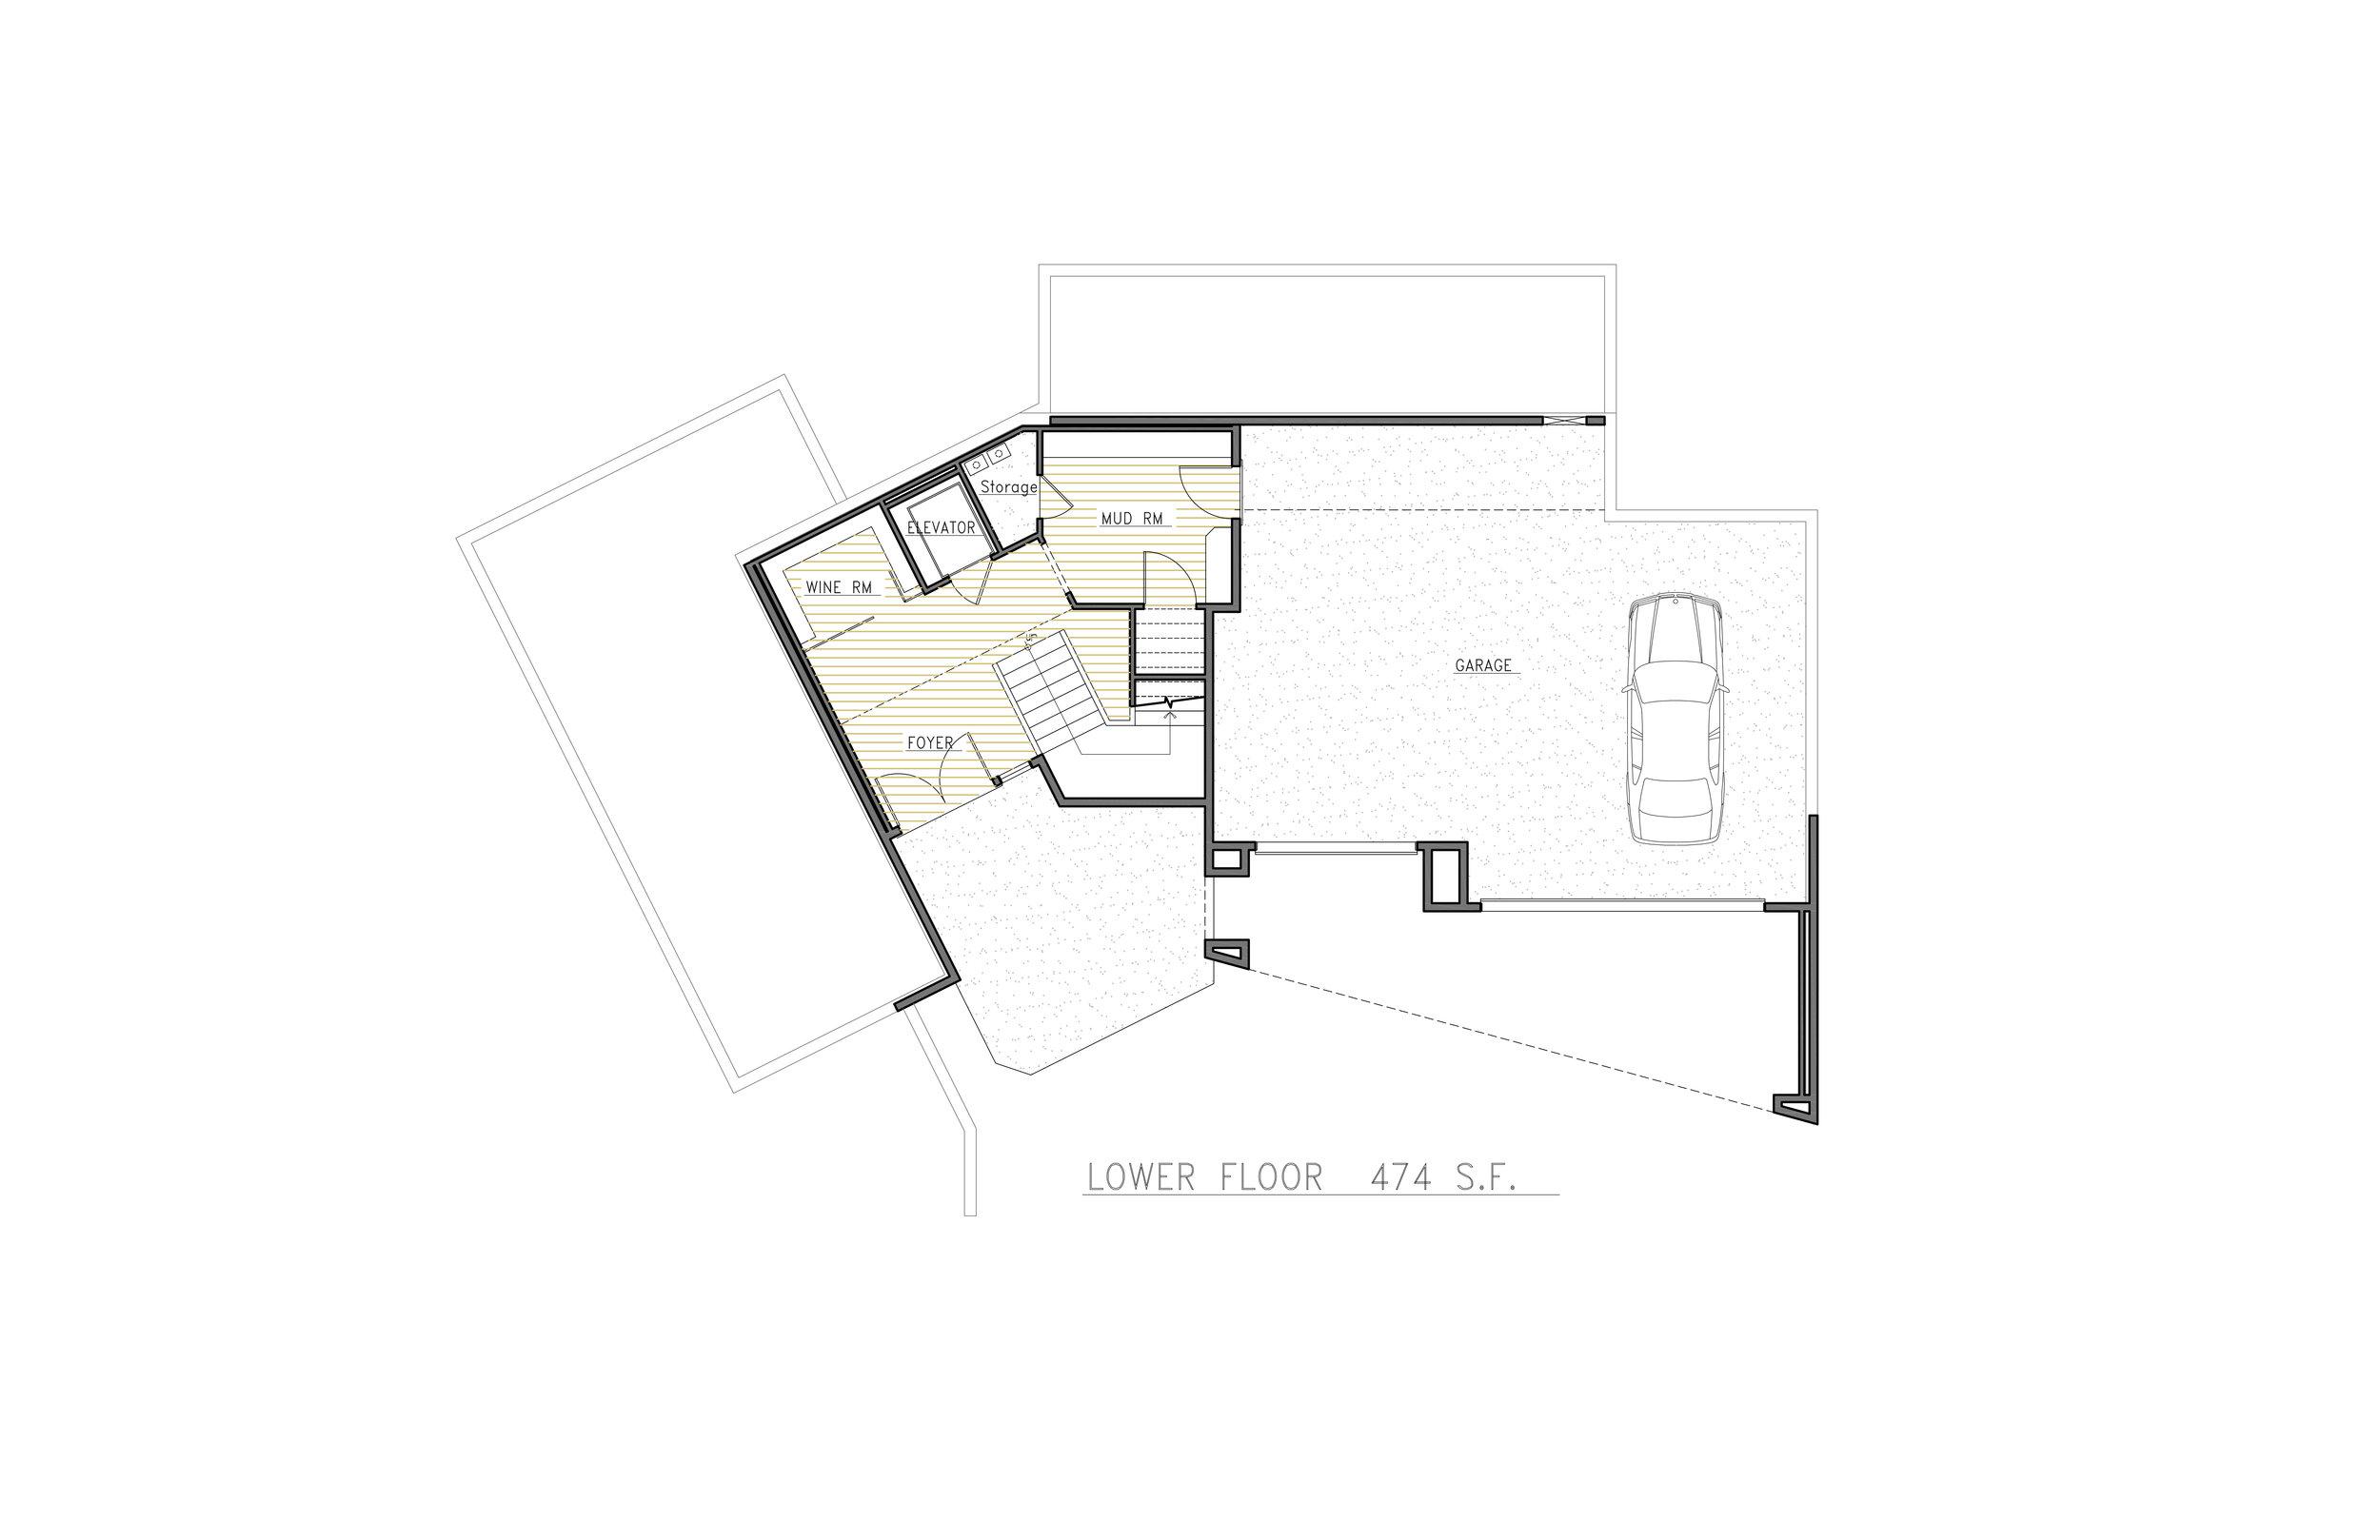 3807 Lower Flr Mrktg Plan Updated.jpg